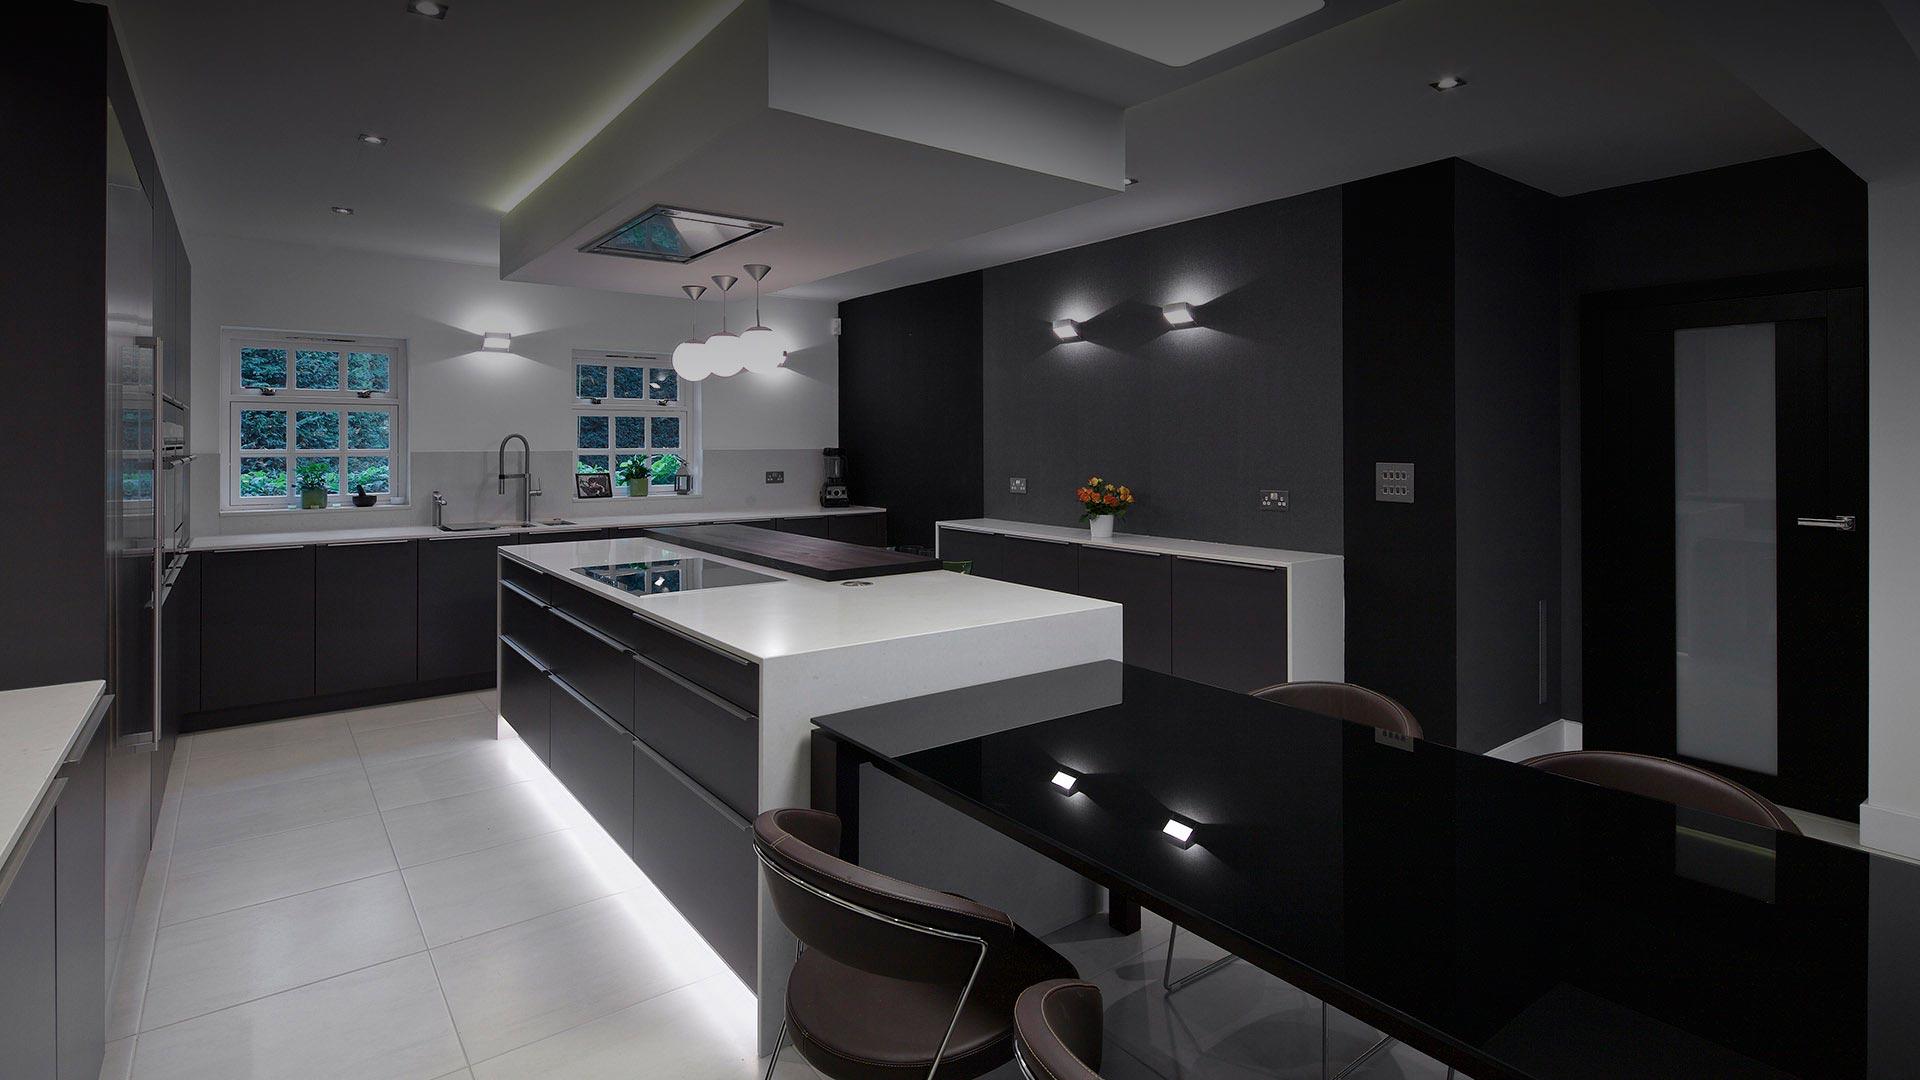 interior-design-ascot-kitchen-dining